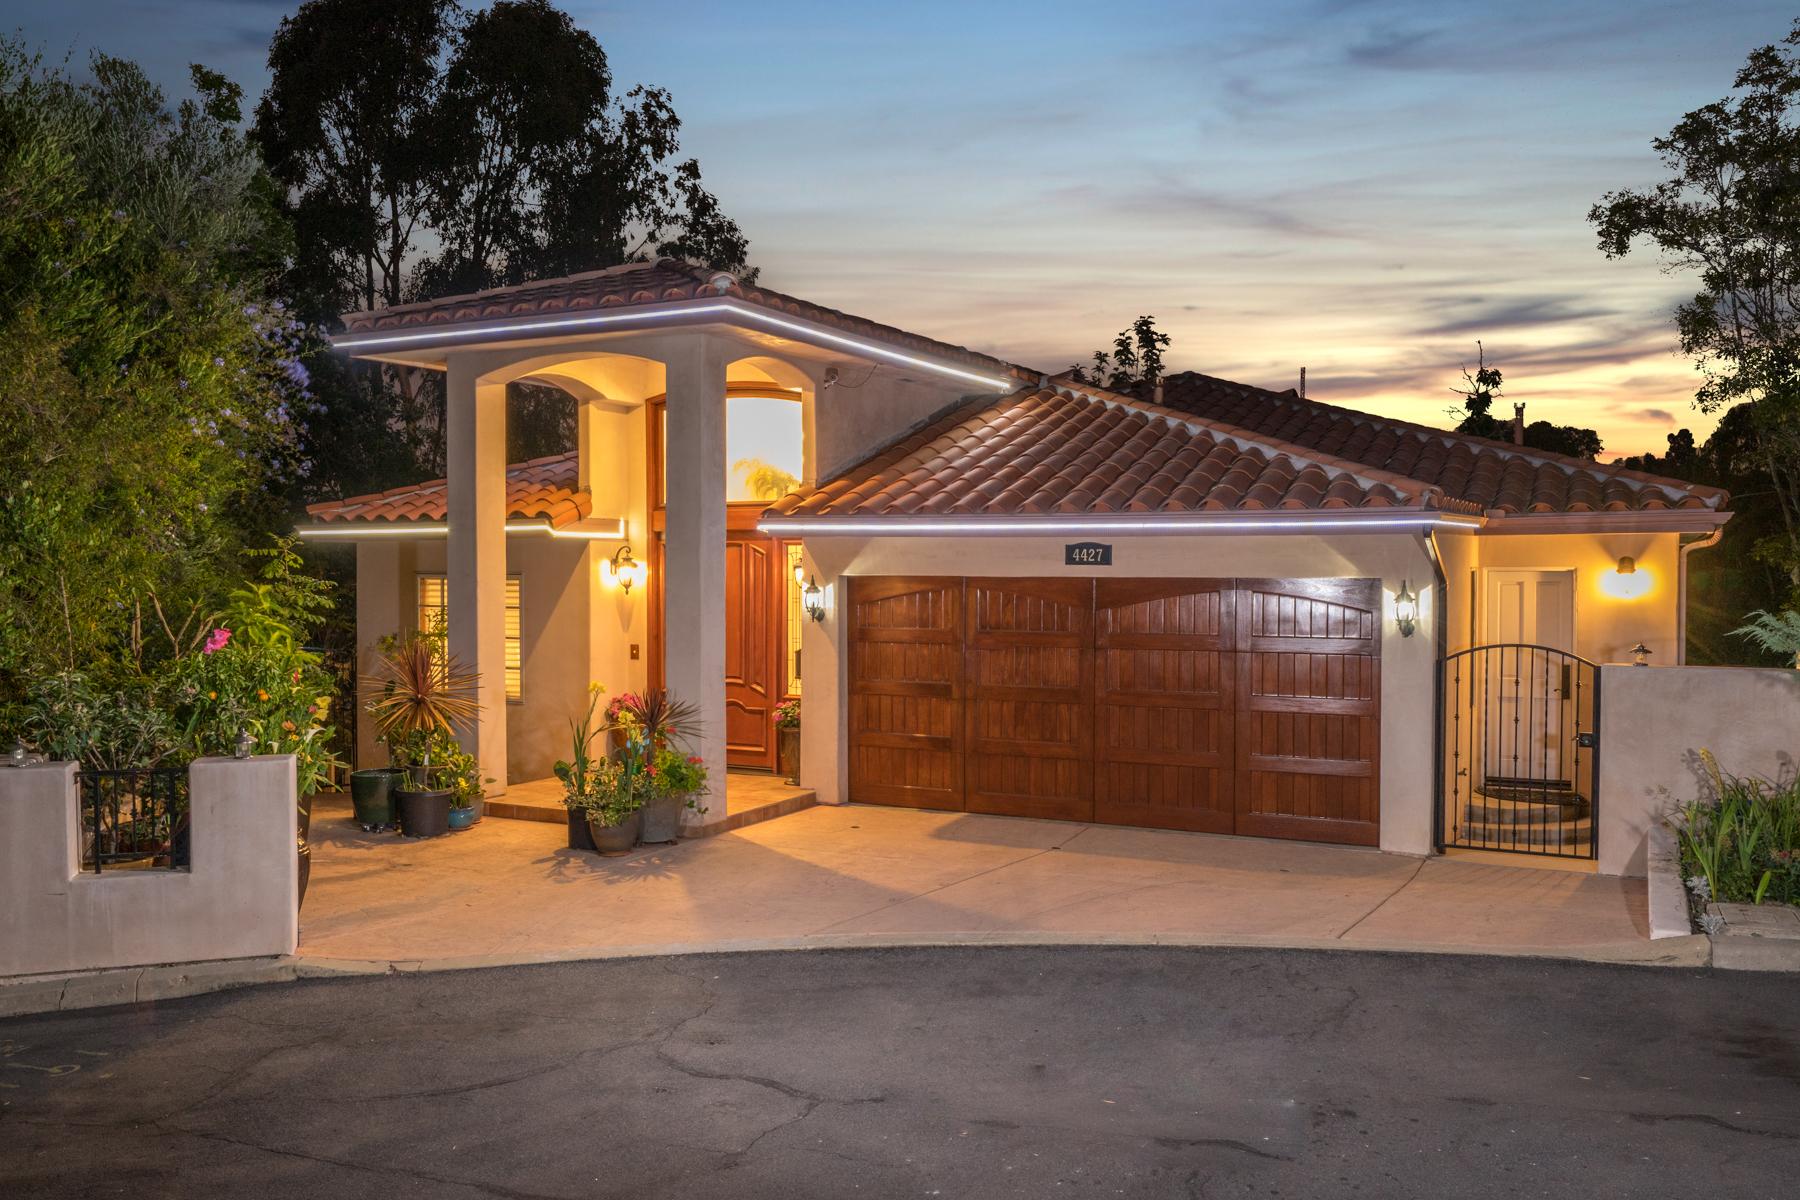 Объект для продажи San Diego